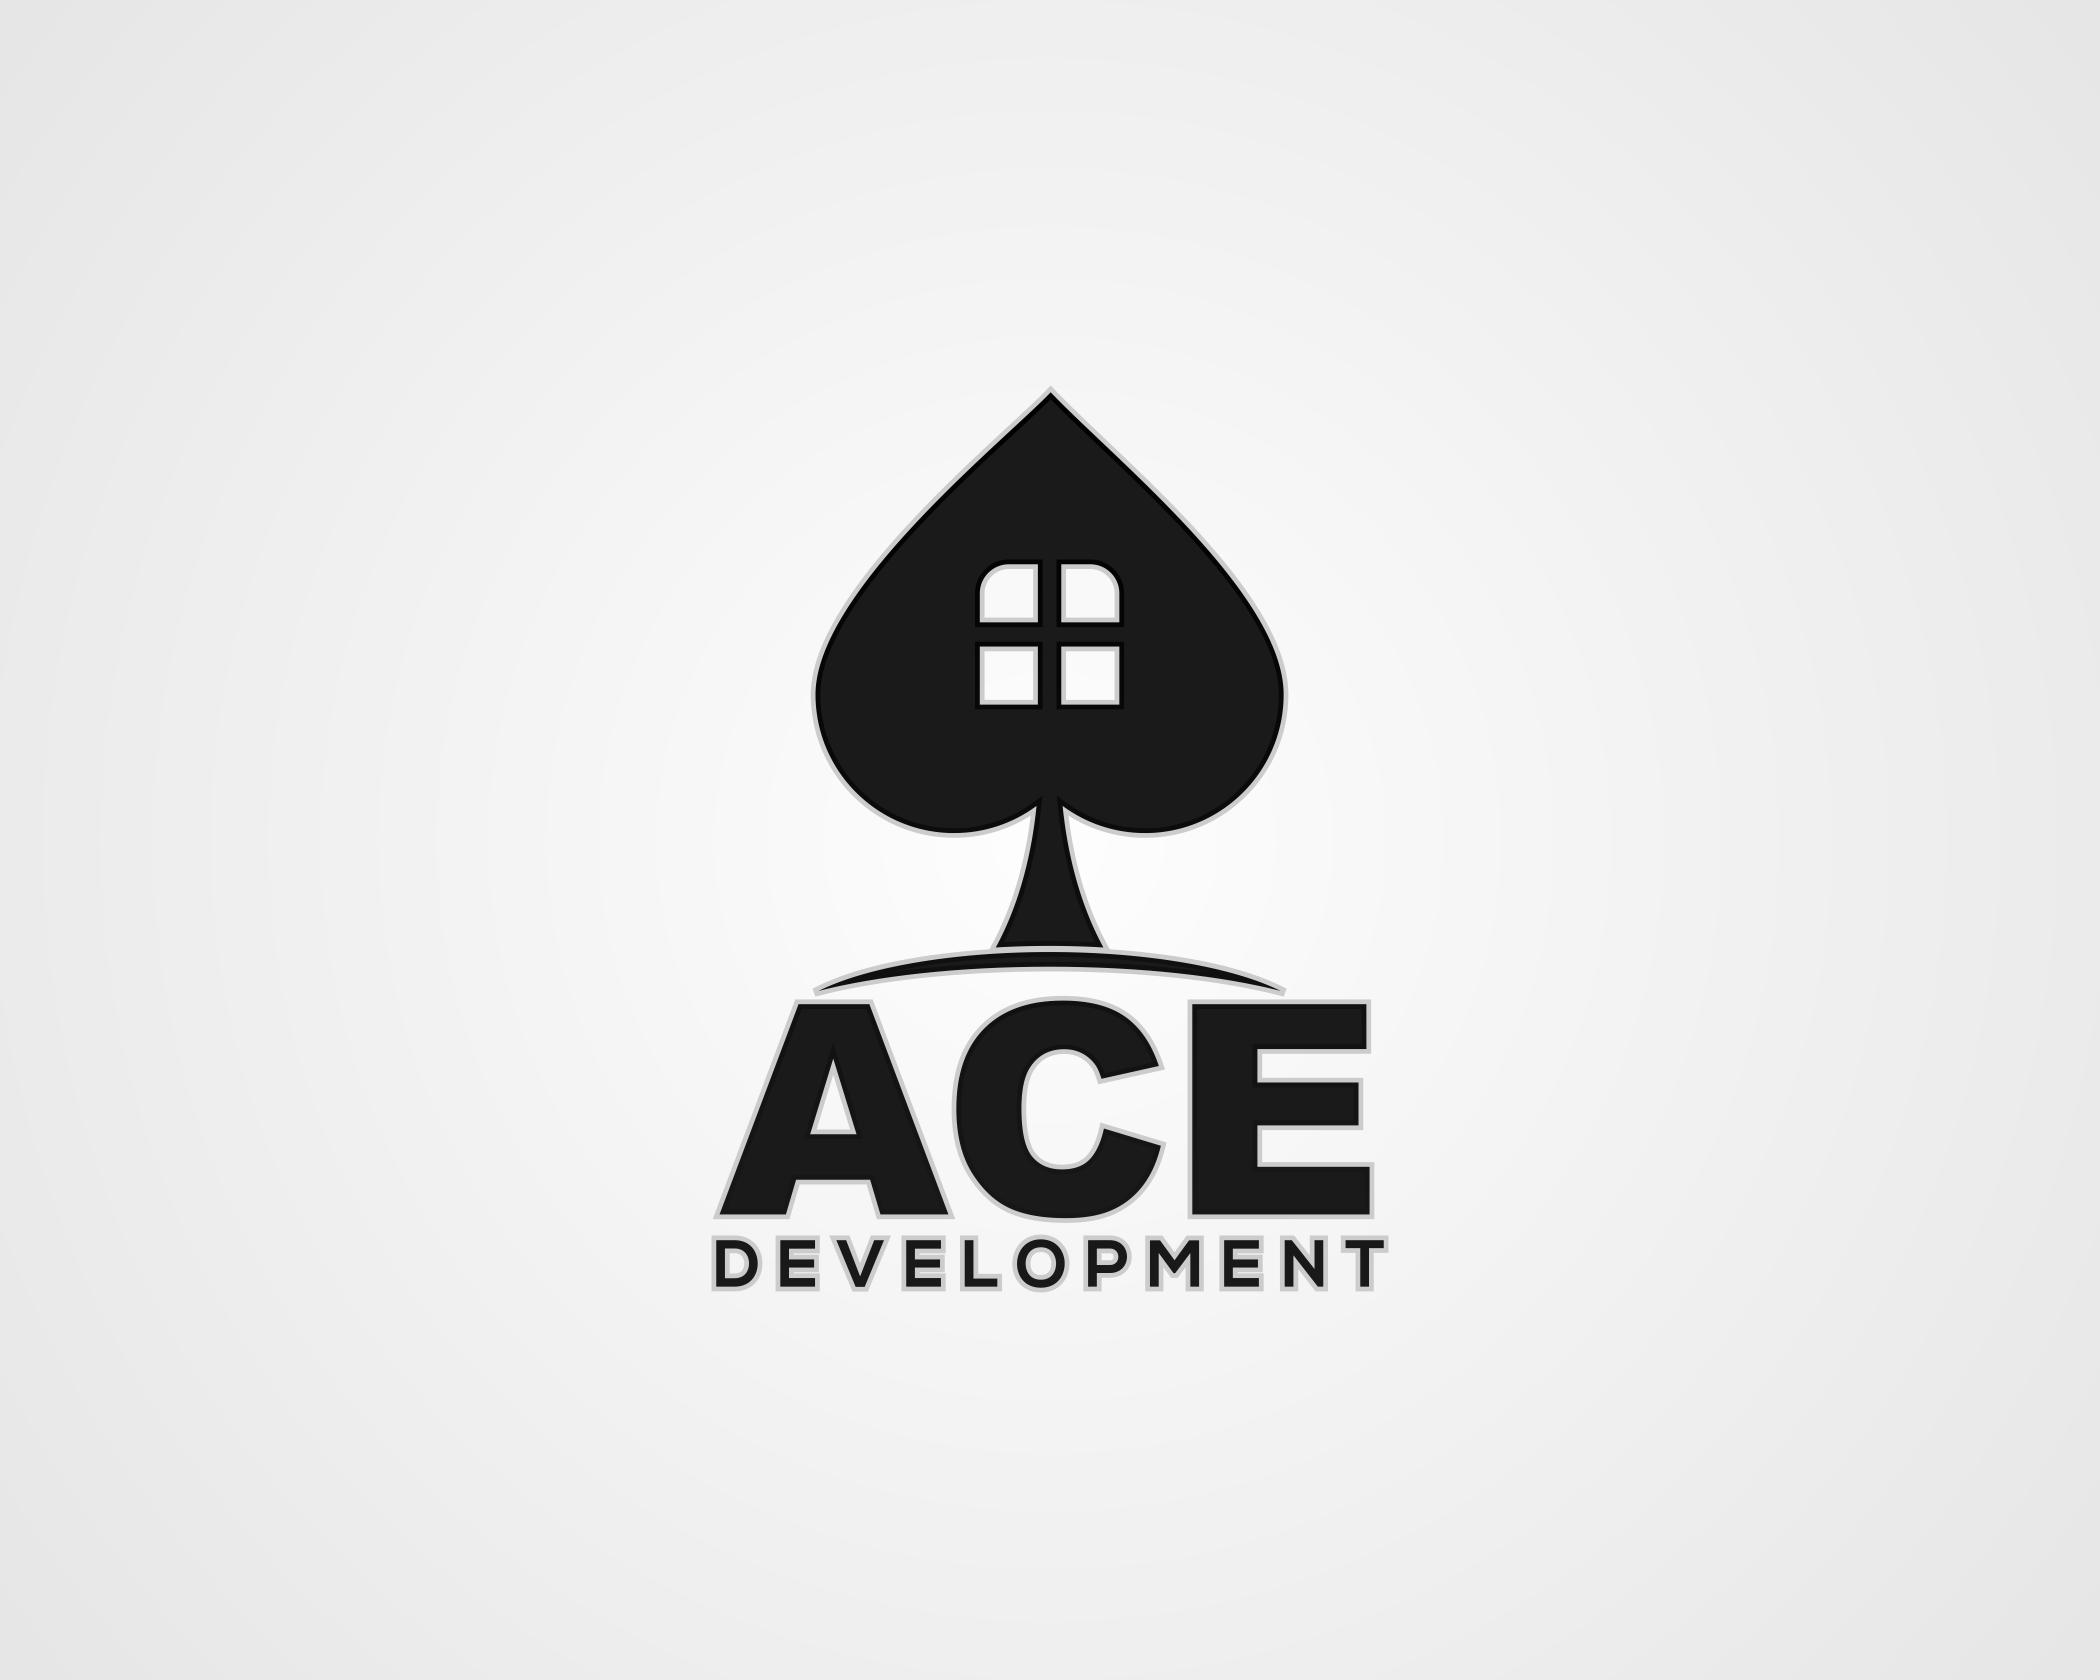 Logo Design by Raonar Rasi - Entry No. 75 in the Logo Design Contest Fun Logo Design for Ace development.